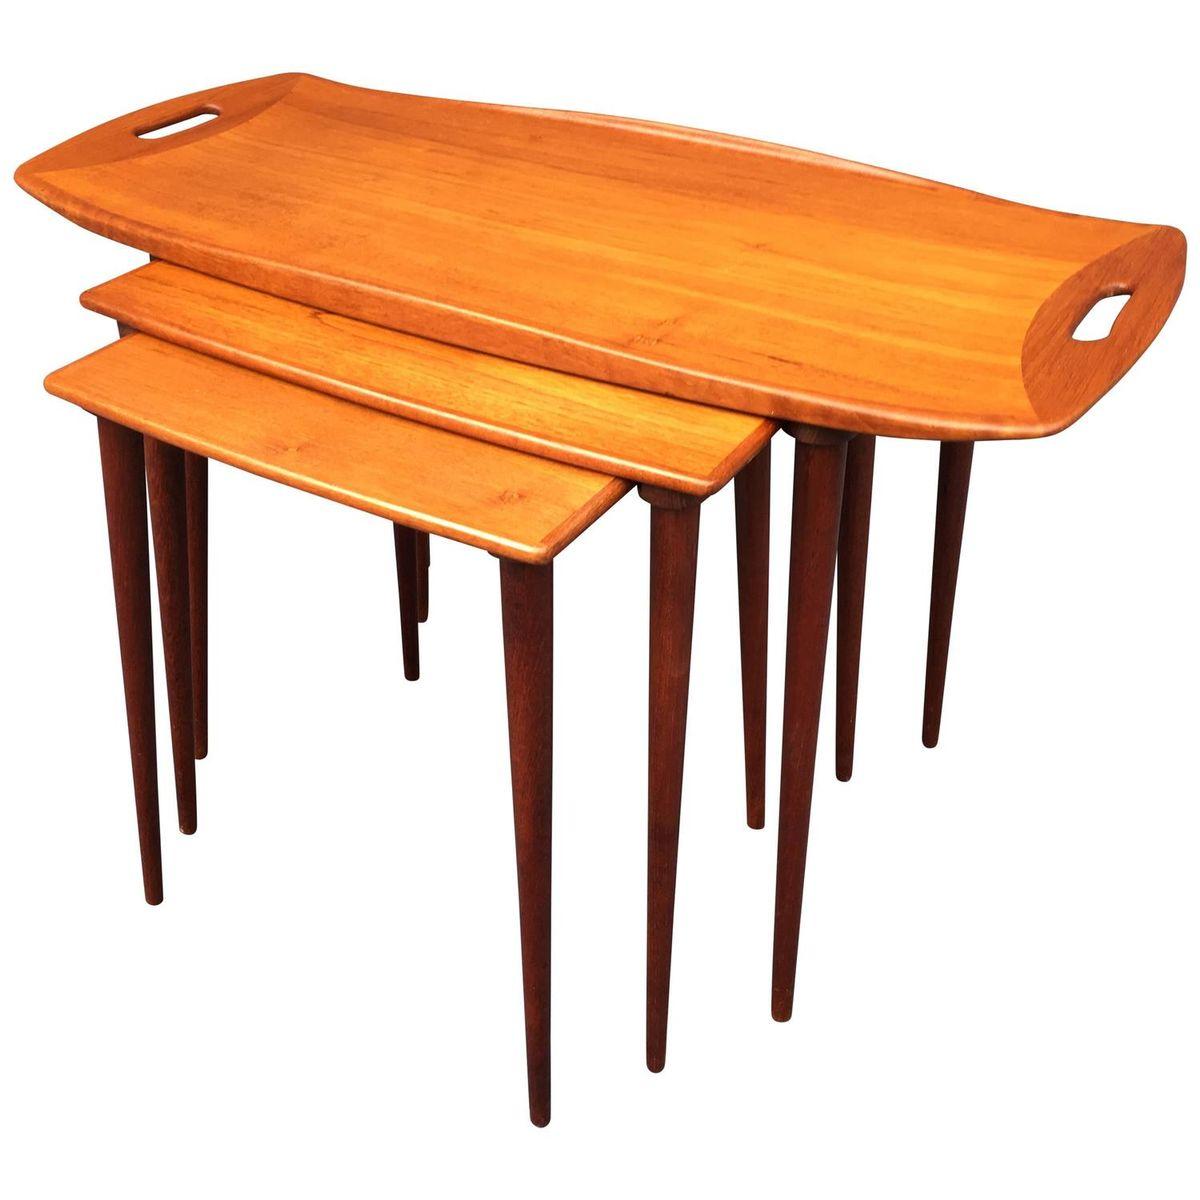 teak satztische von jens quistgaard 1960er bei pamono kaufen. Black Bedroom Furniture Sets. Home Design Ideas